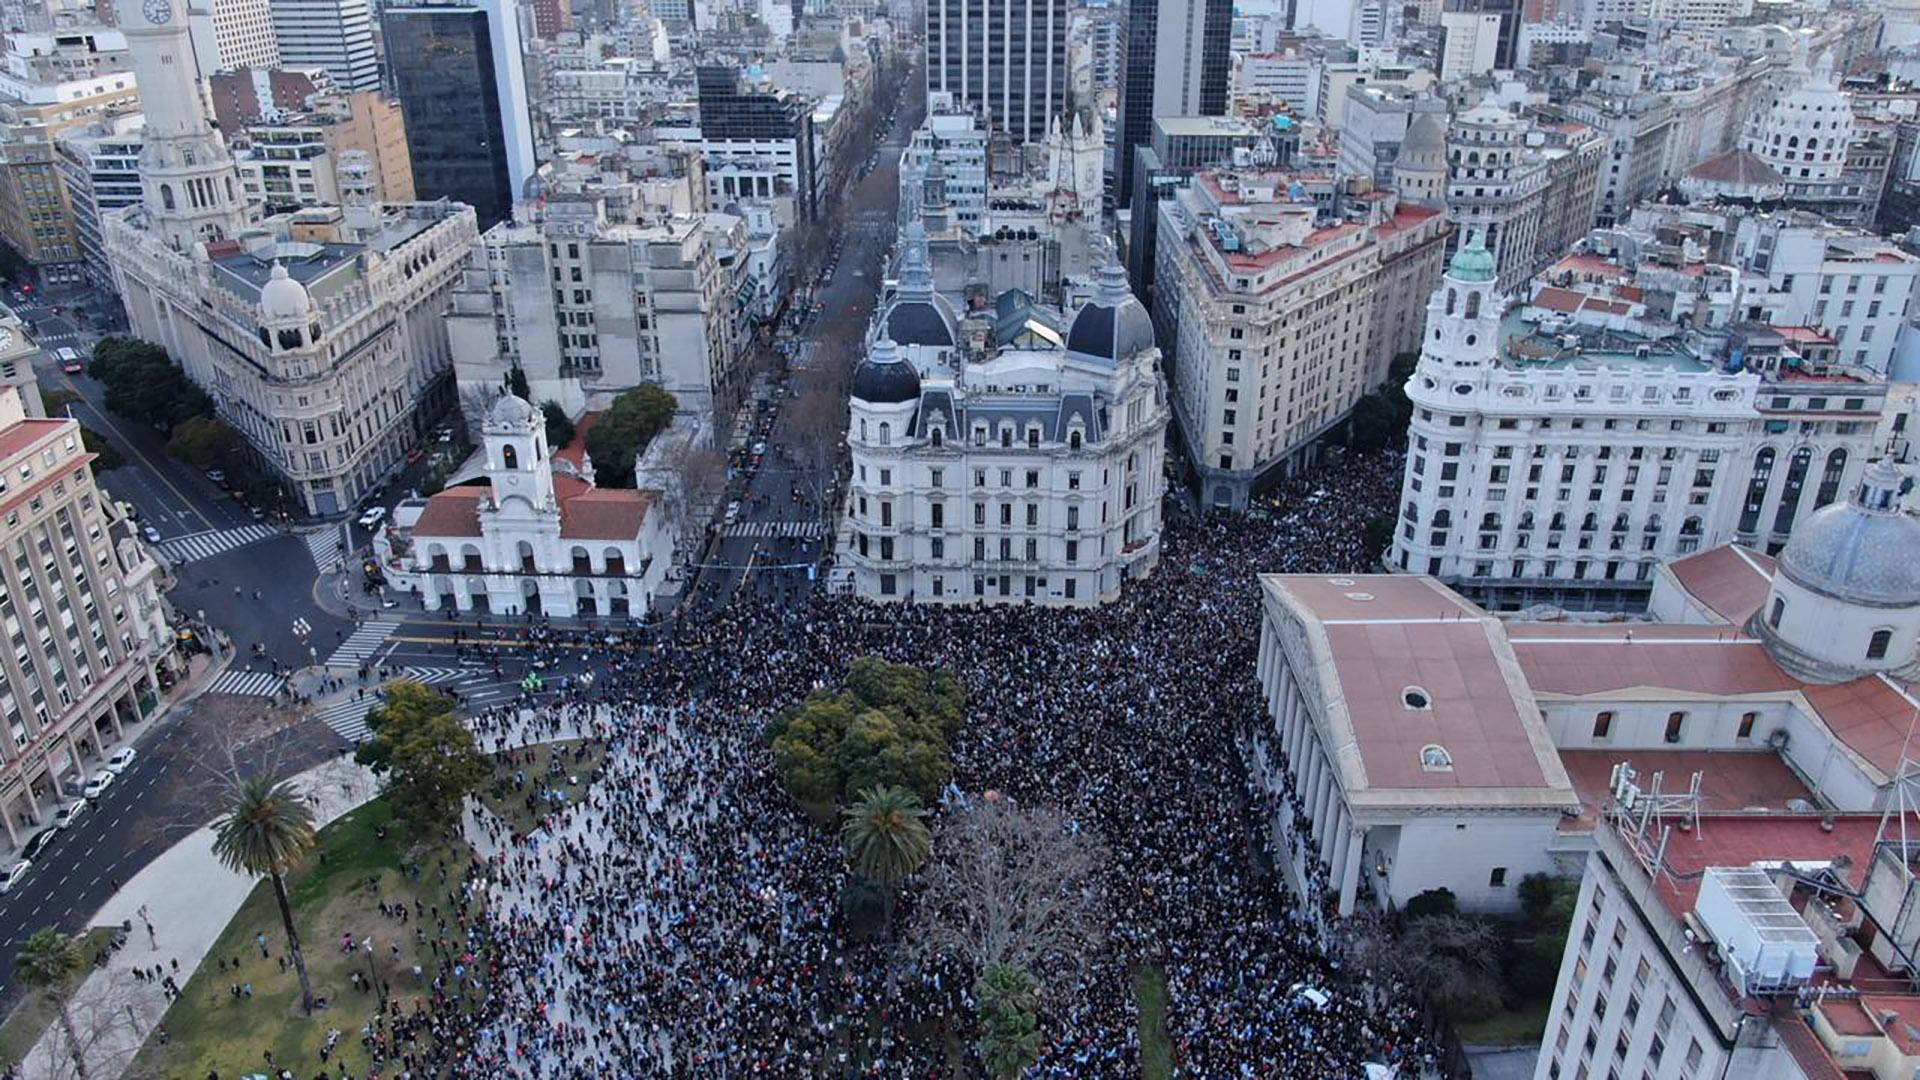 La movilización convocada a través de las redes y a partir de un mensaje grabado por el actor Luis Brandoni desde Madrid fue convergiendo hacia la Casa de Gobierno